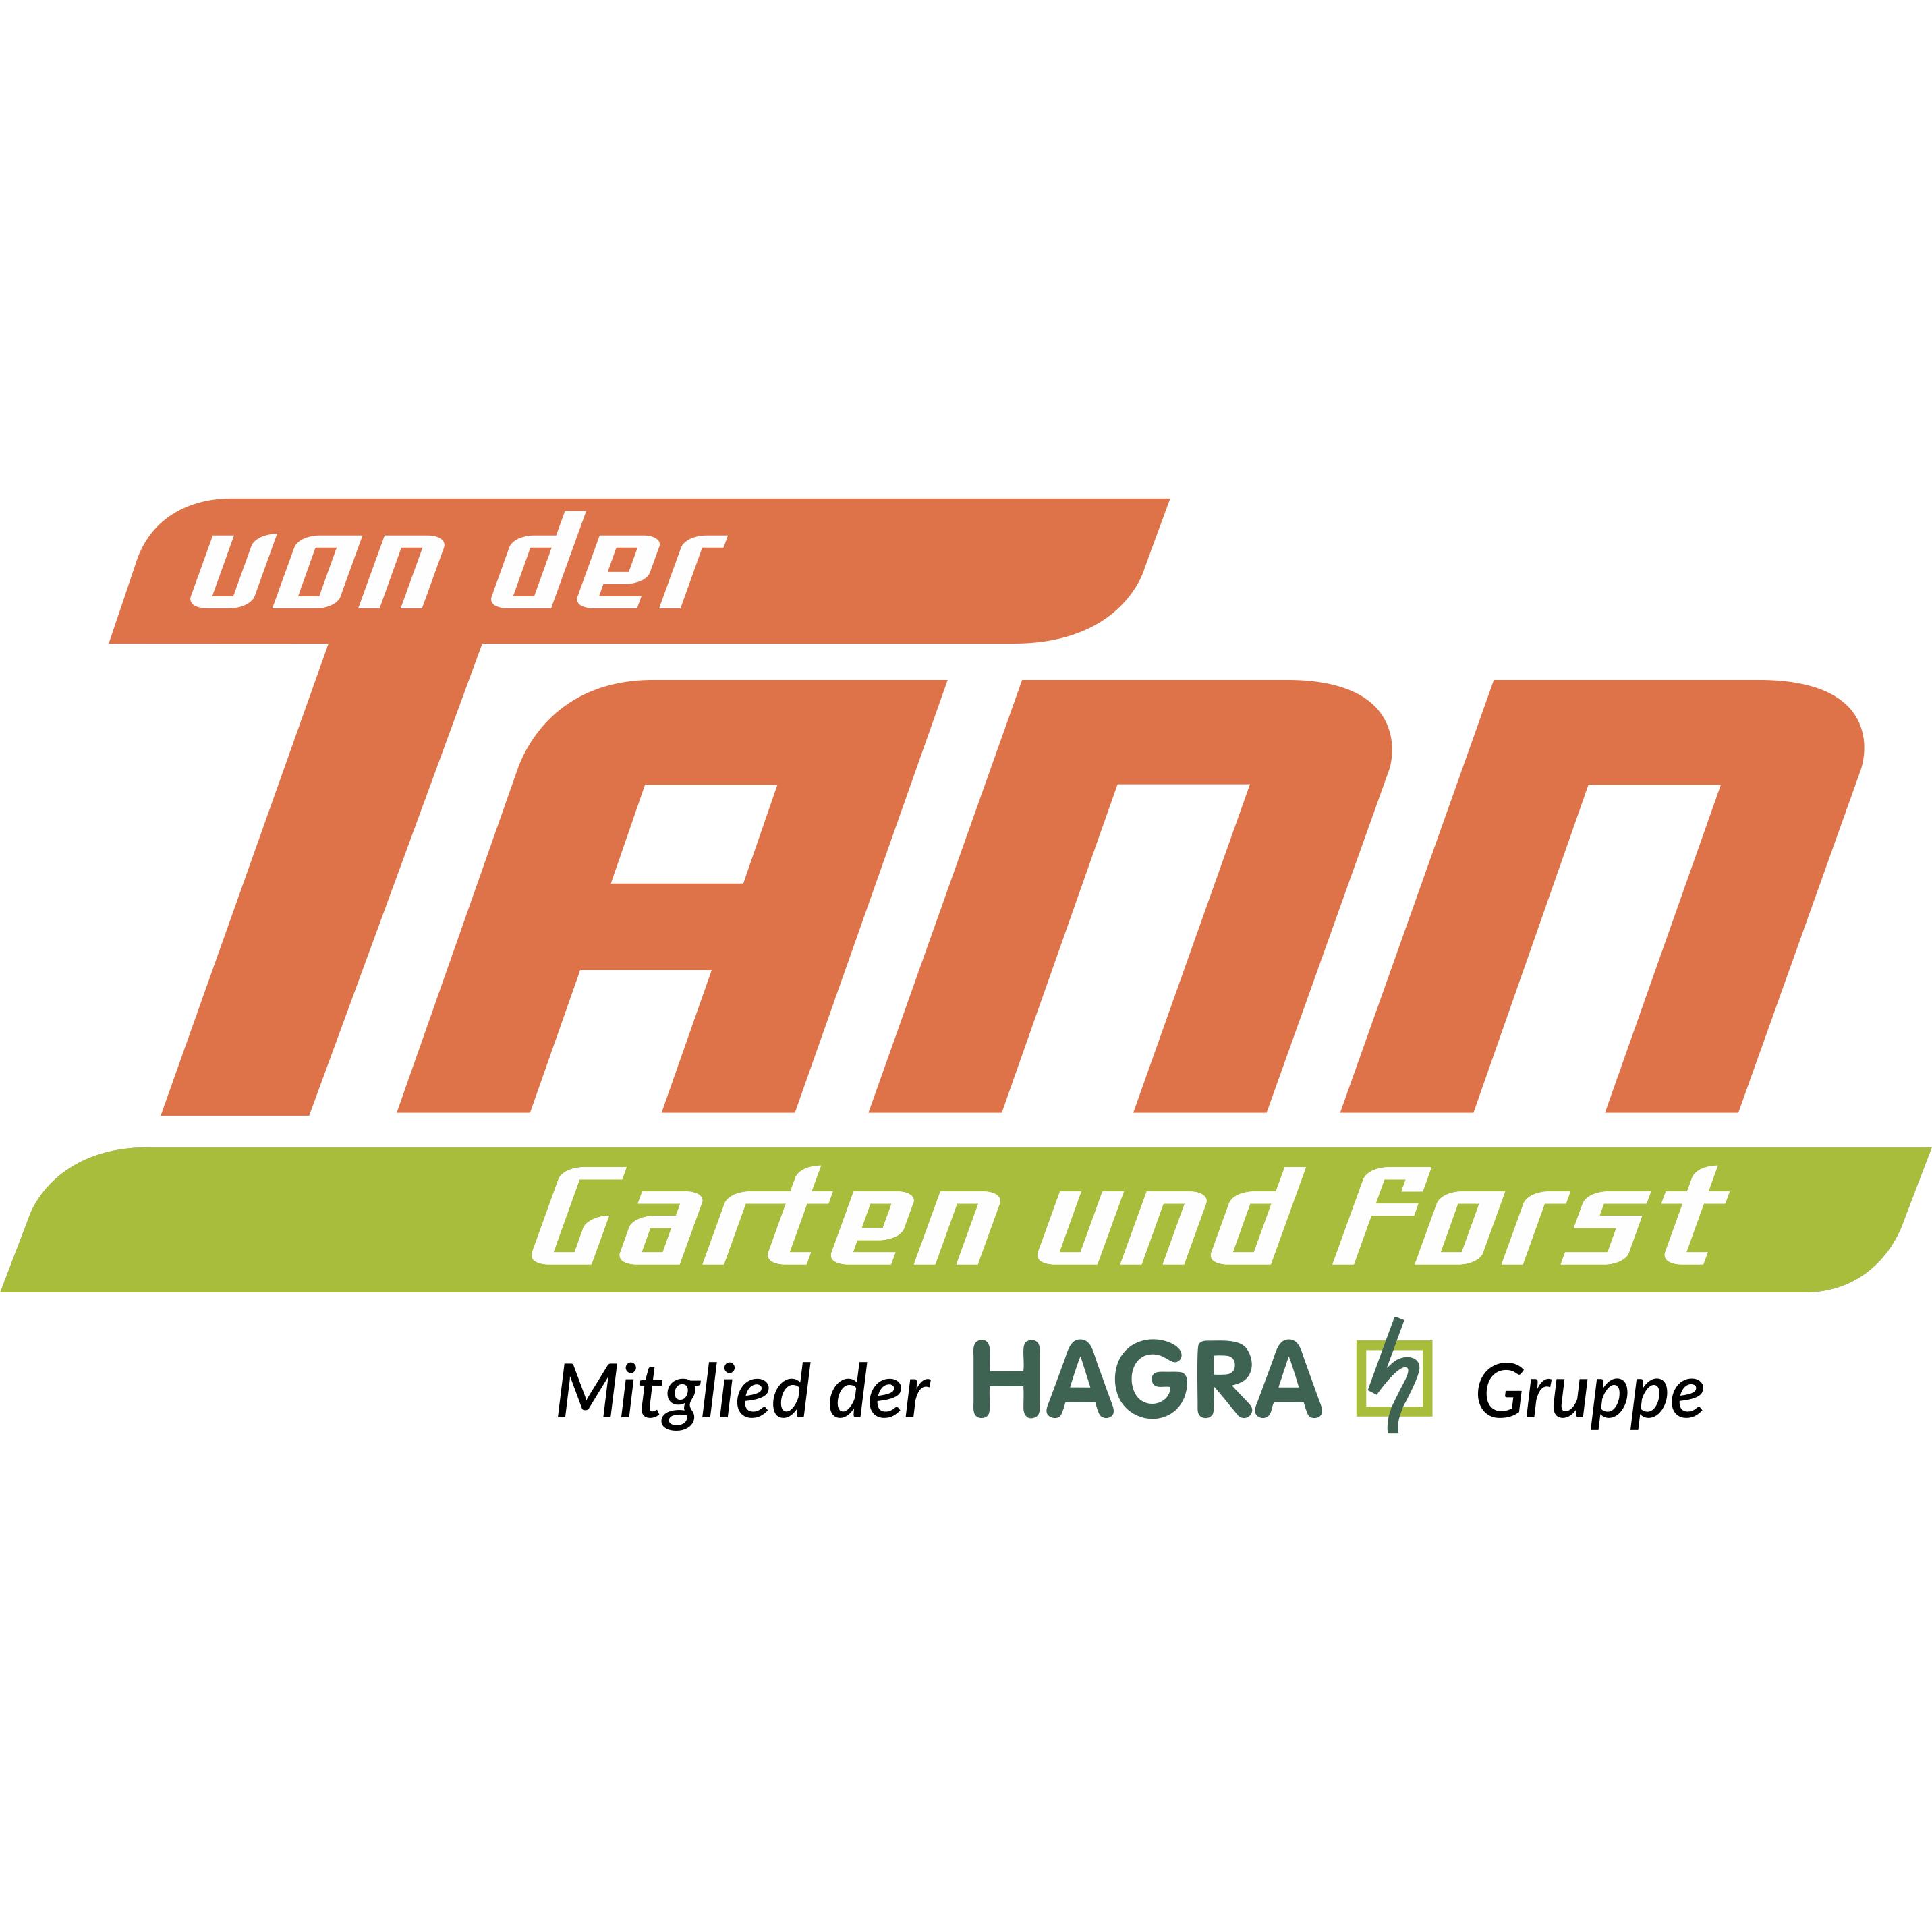 HAGRA AG